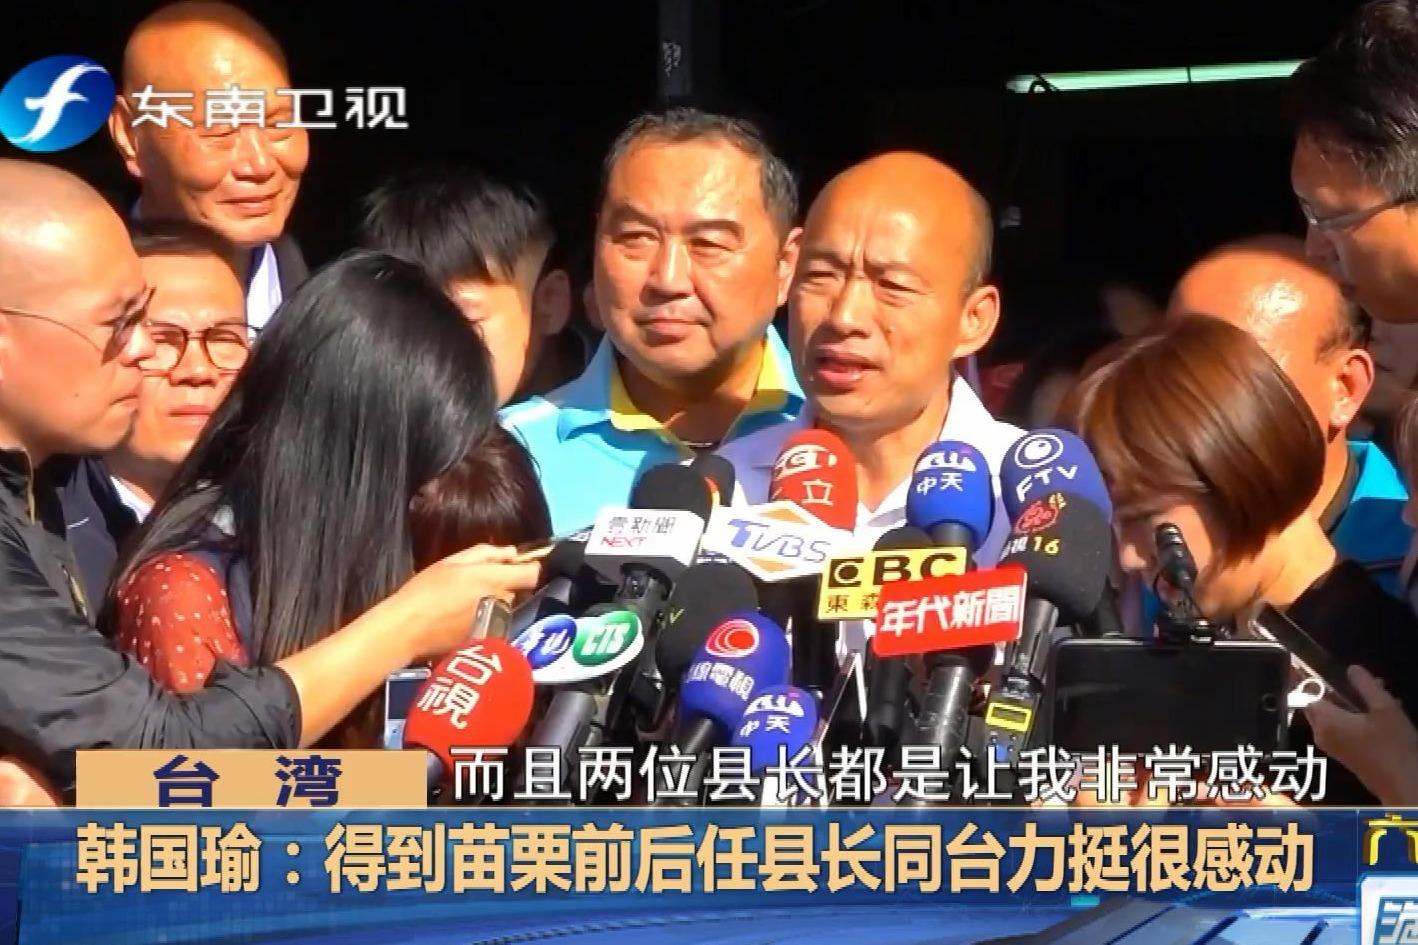 国民党台湾中部整合成功,苗栗前后任县长同台力挺韩国瑜